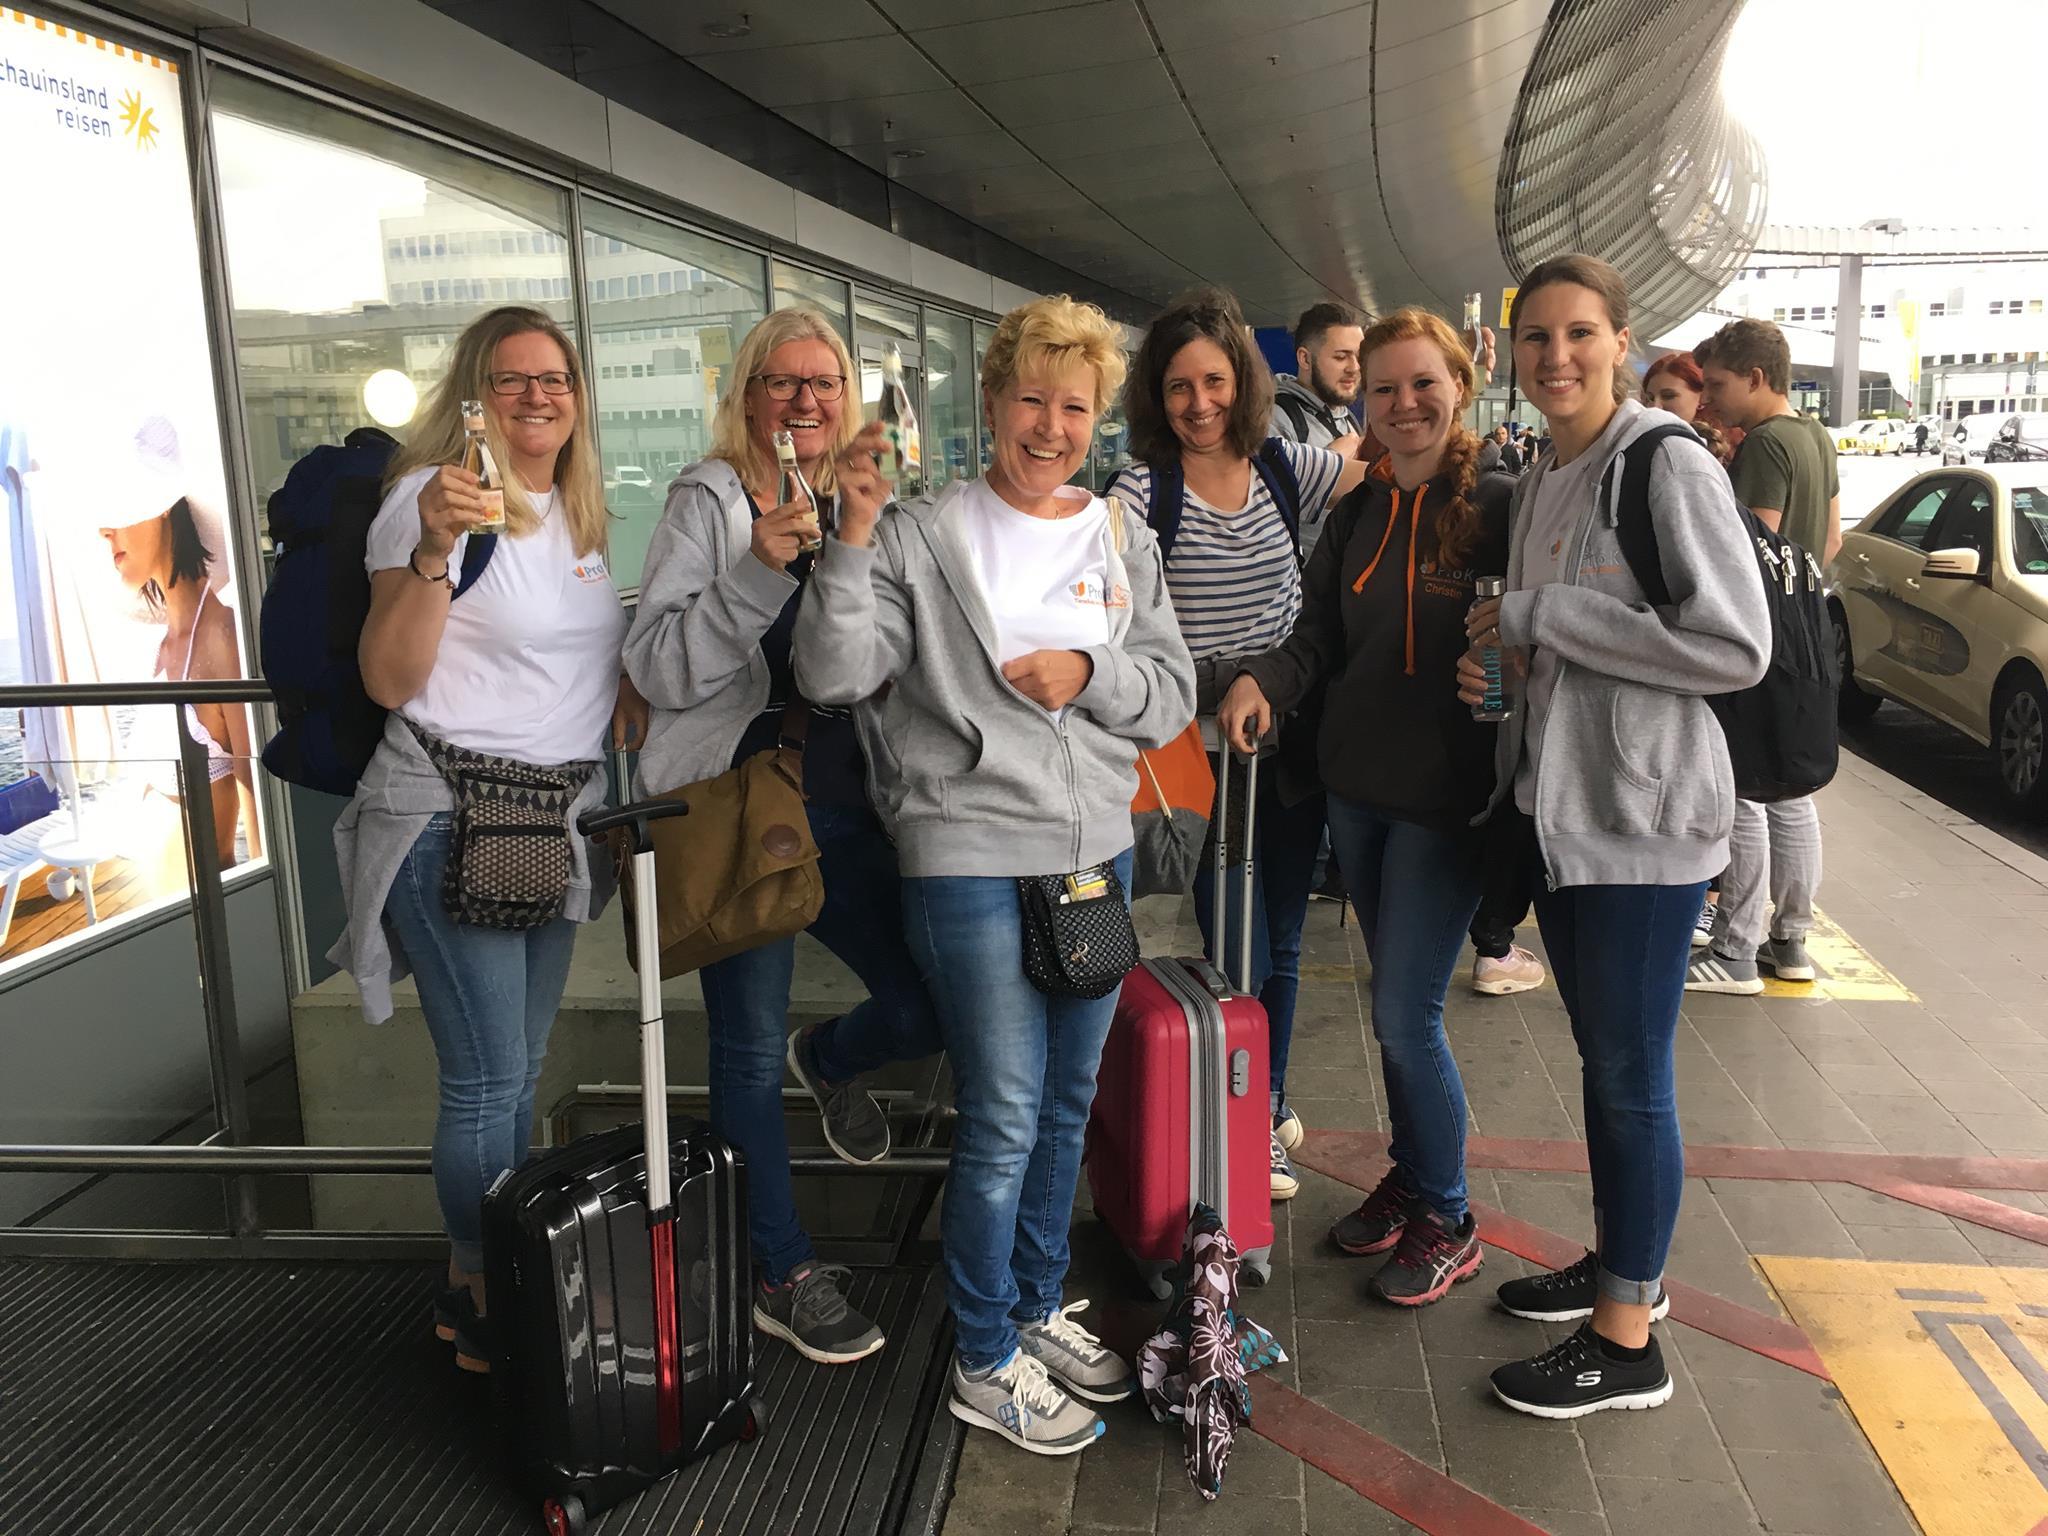 Abflug von Düsseldorf : Hoch motiviert!!